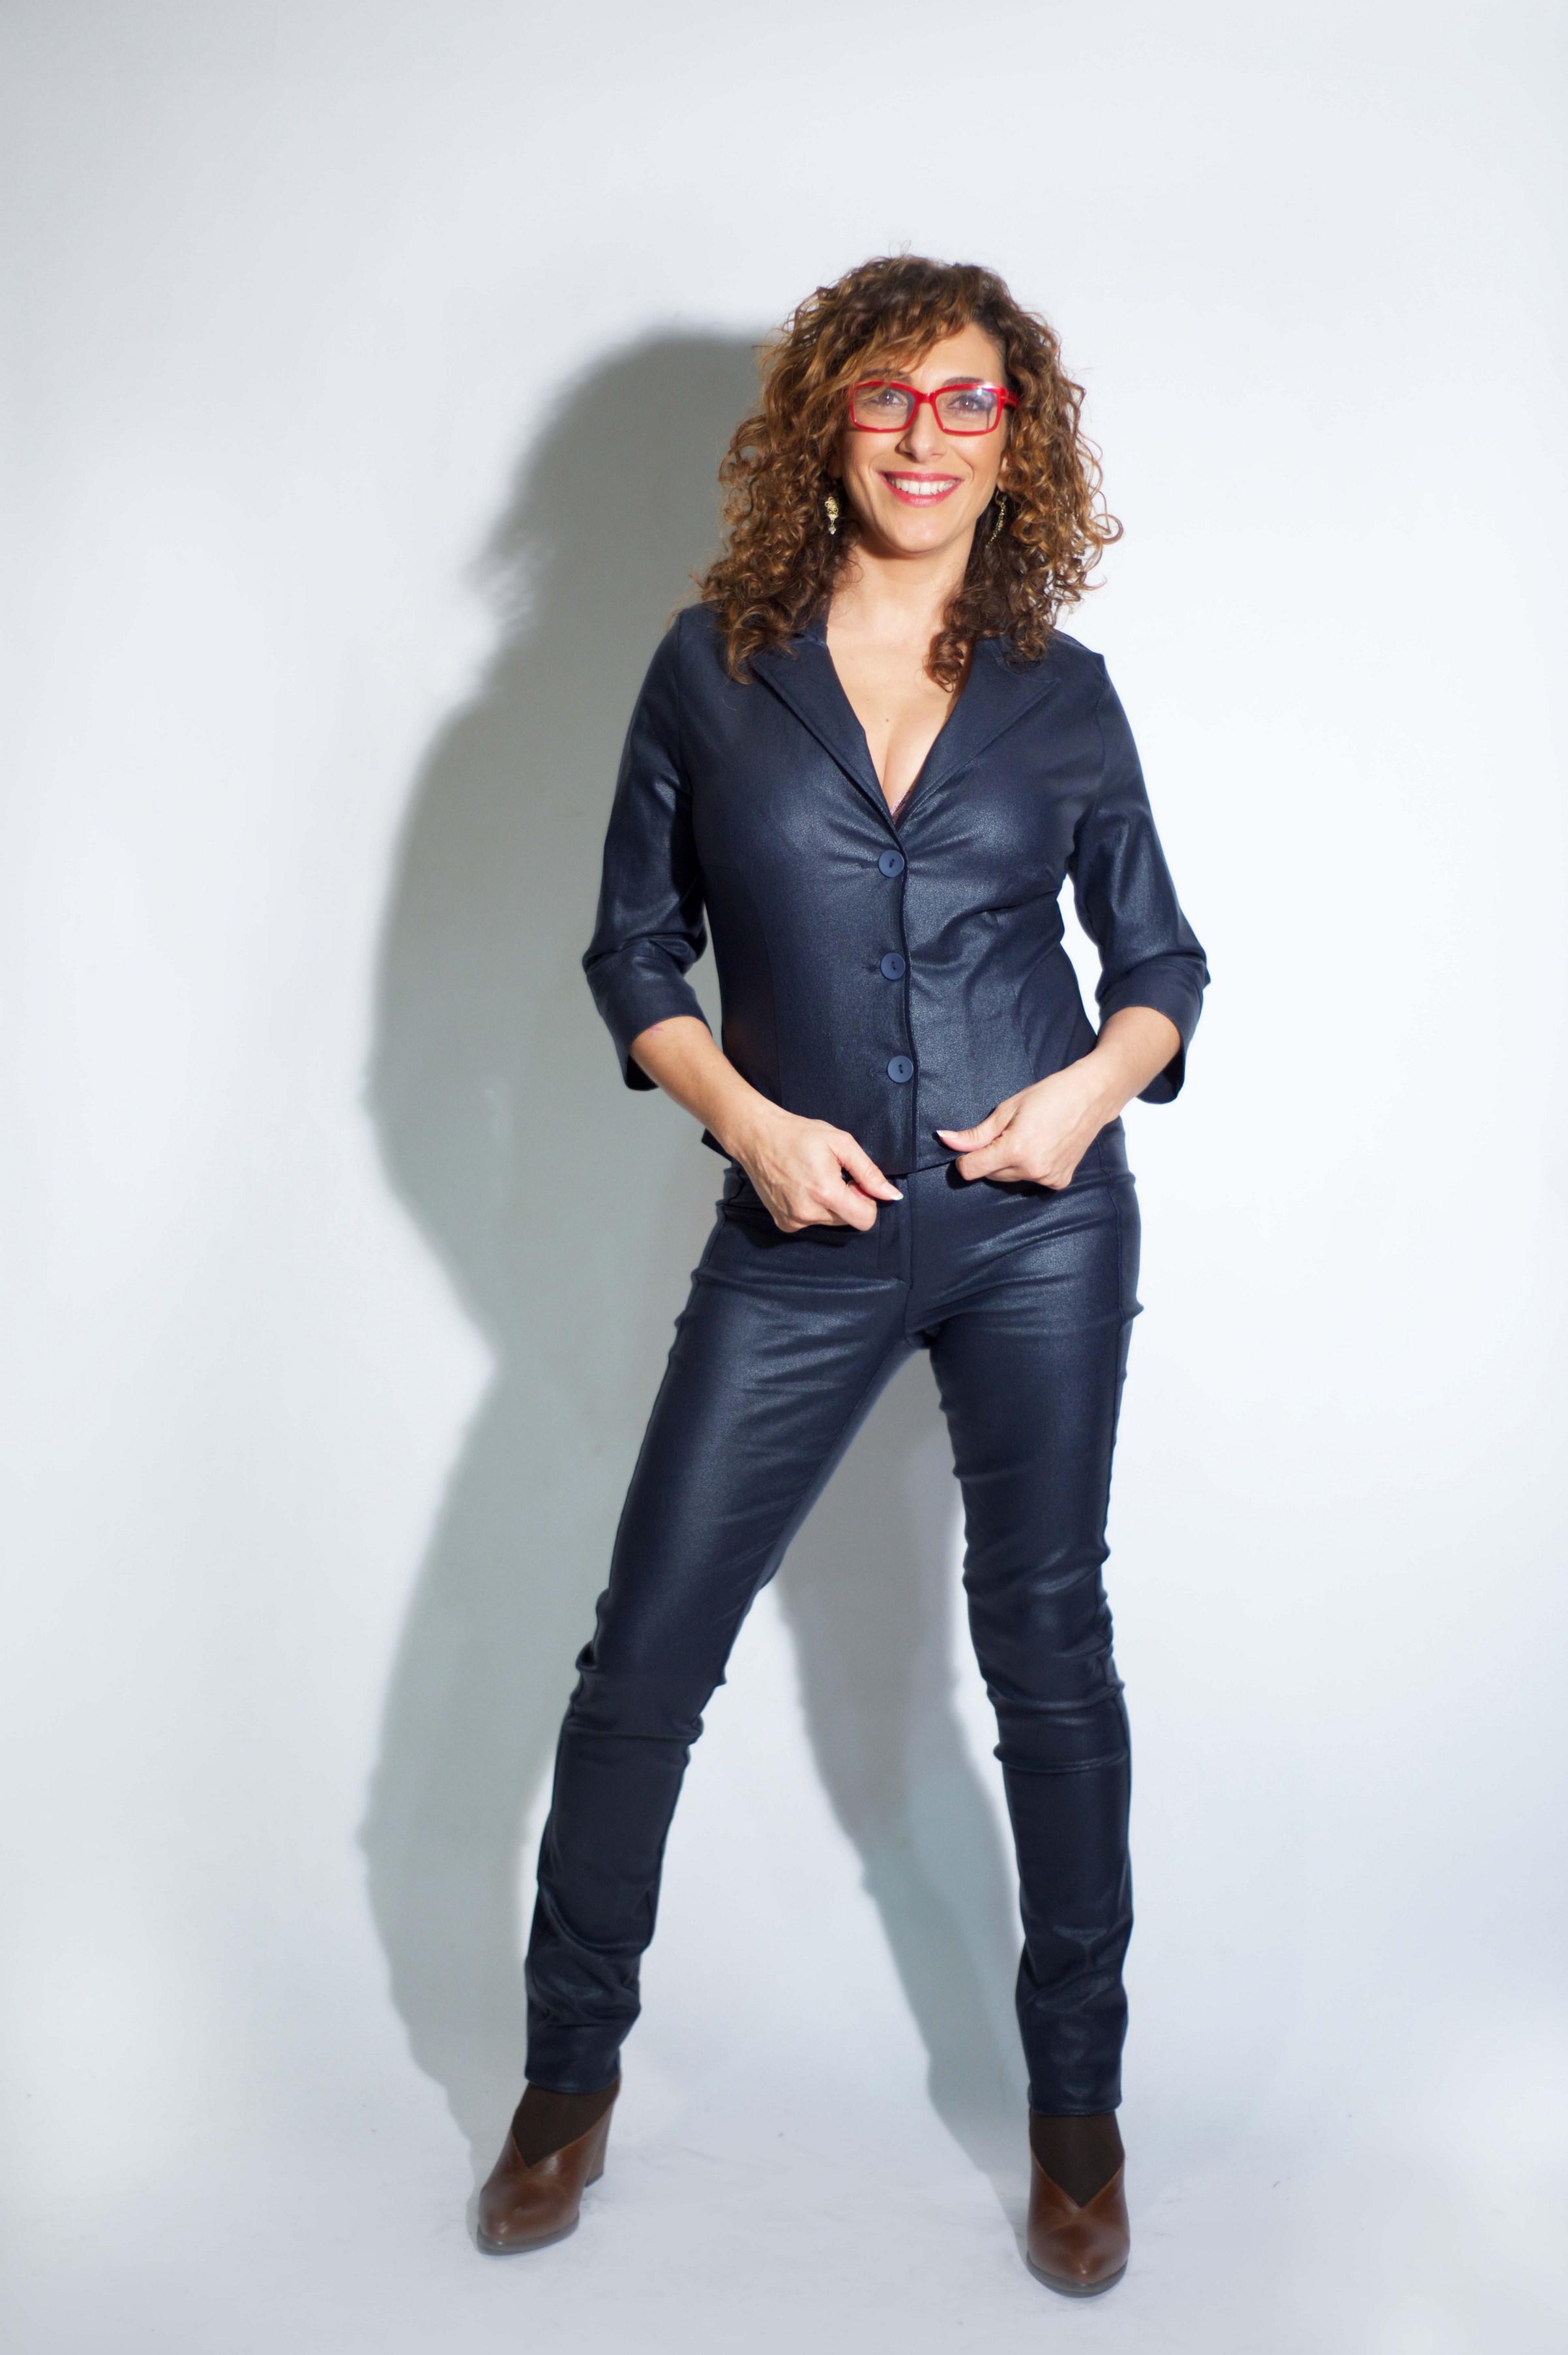 רונית קריספין מדגמנת לוקשל המעצבת טלי אימבר.  במכירה הגדולה גקט 179 מכנסיים 229. בית טפר תל גיבורים 5 תא צילום מאיה שוהם (Copy).jpg